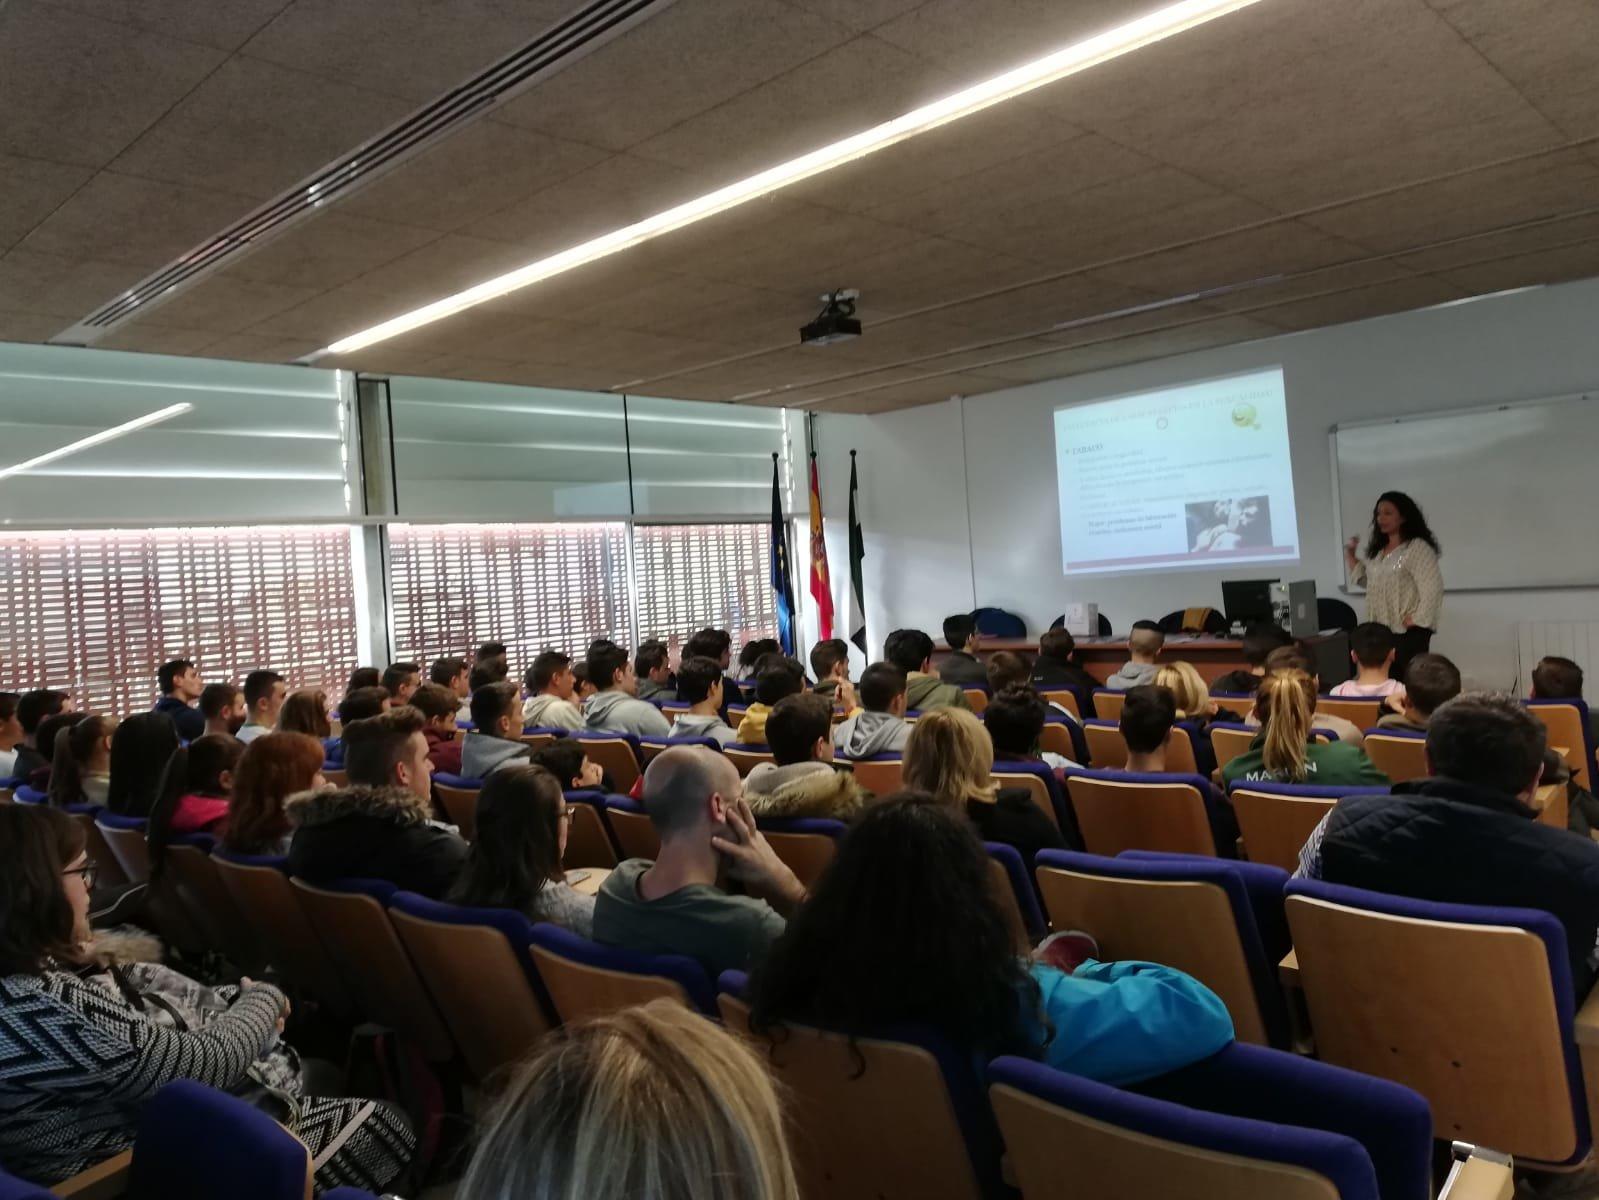 Charla impartida por Mensajeros de la Paz Extremadura en el Centro de Formación del Medio Rural de Moraleja